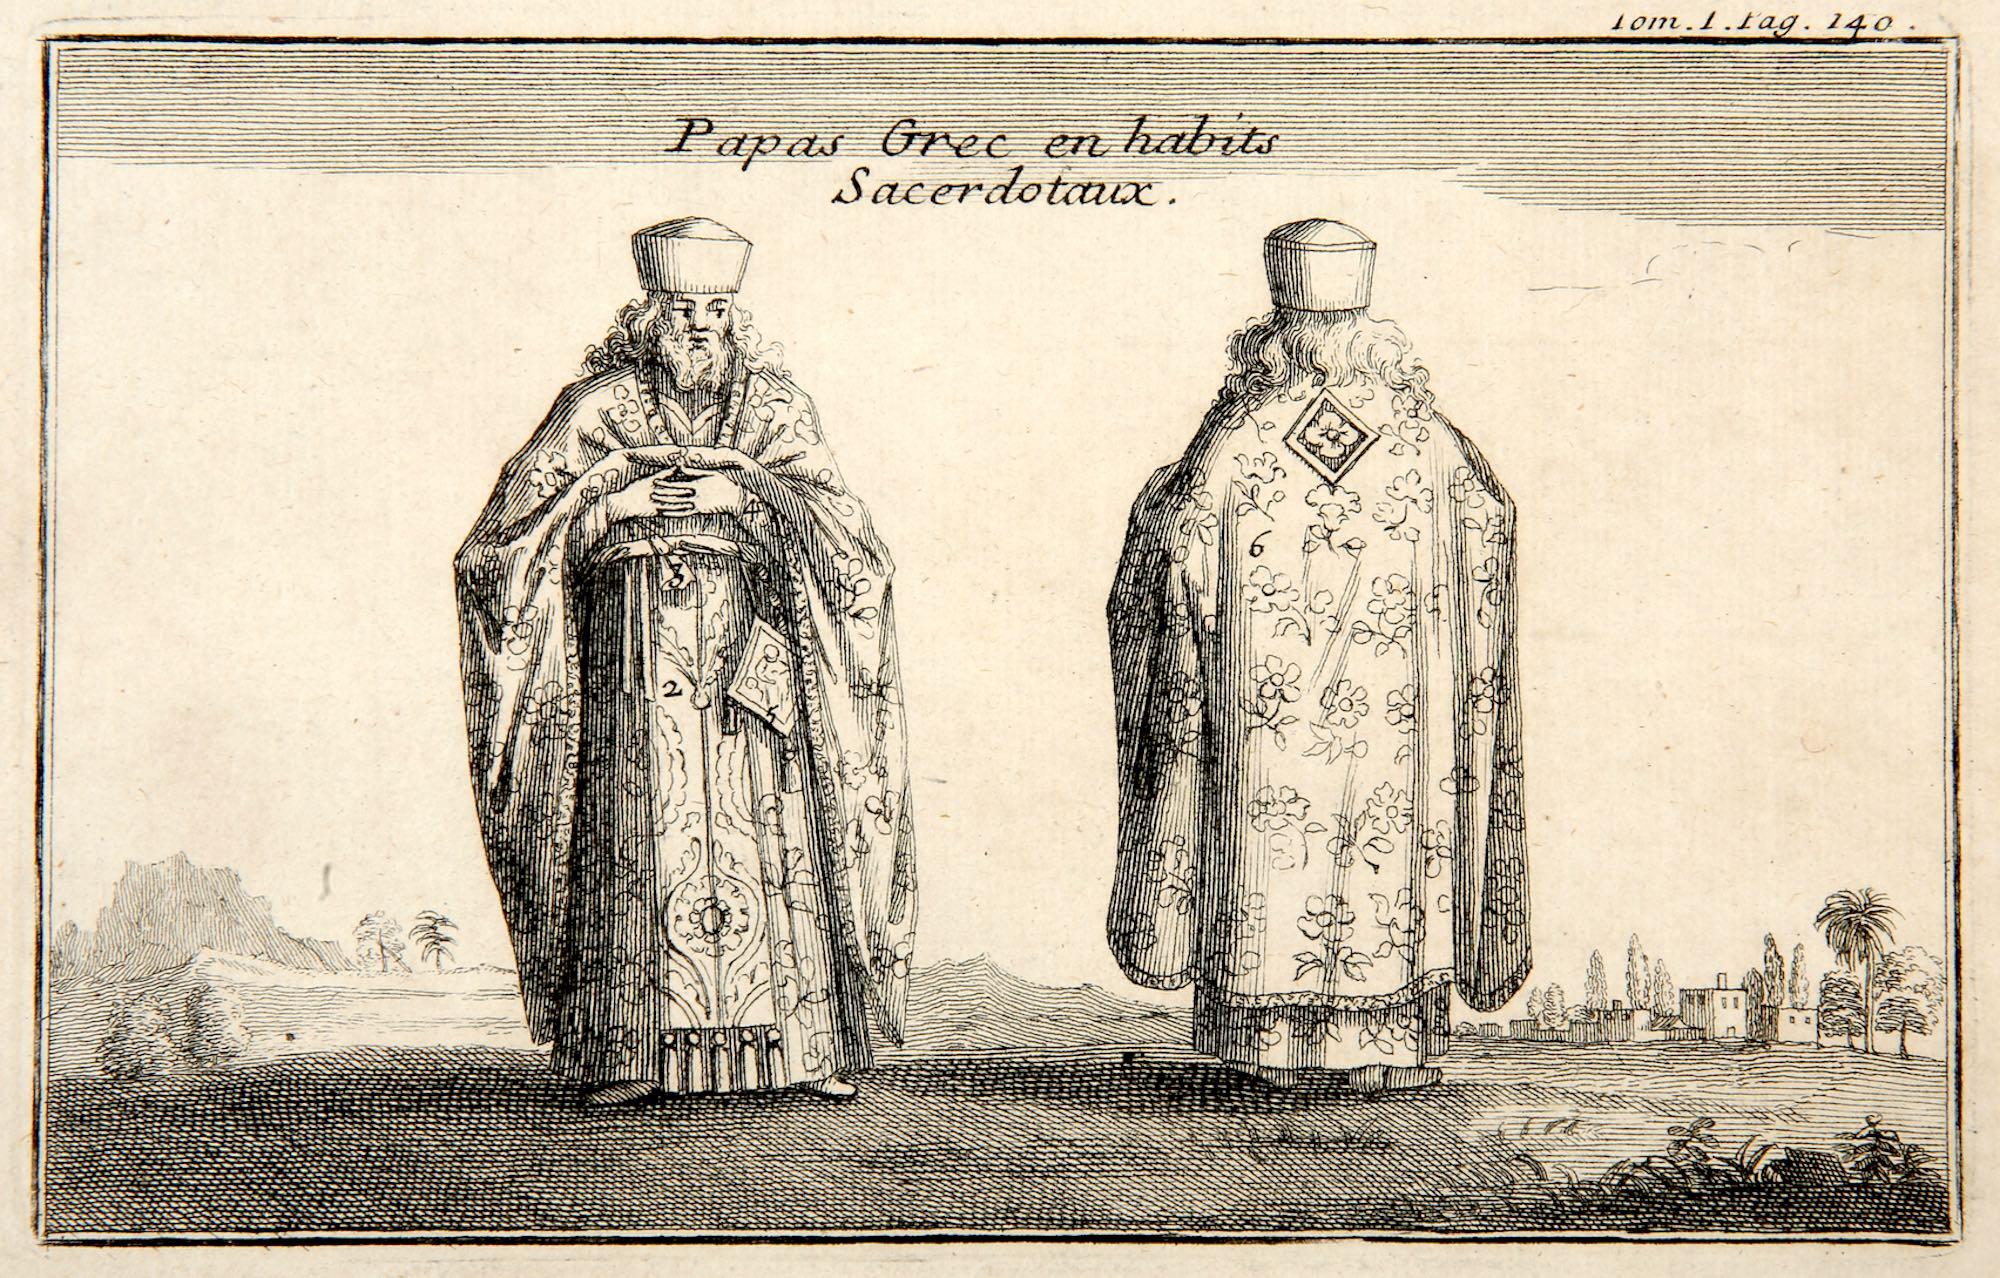 Joseph Pitton de Tournefort   Papas Grec en habits Sacerdotoux